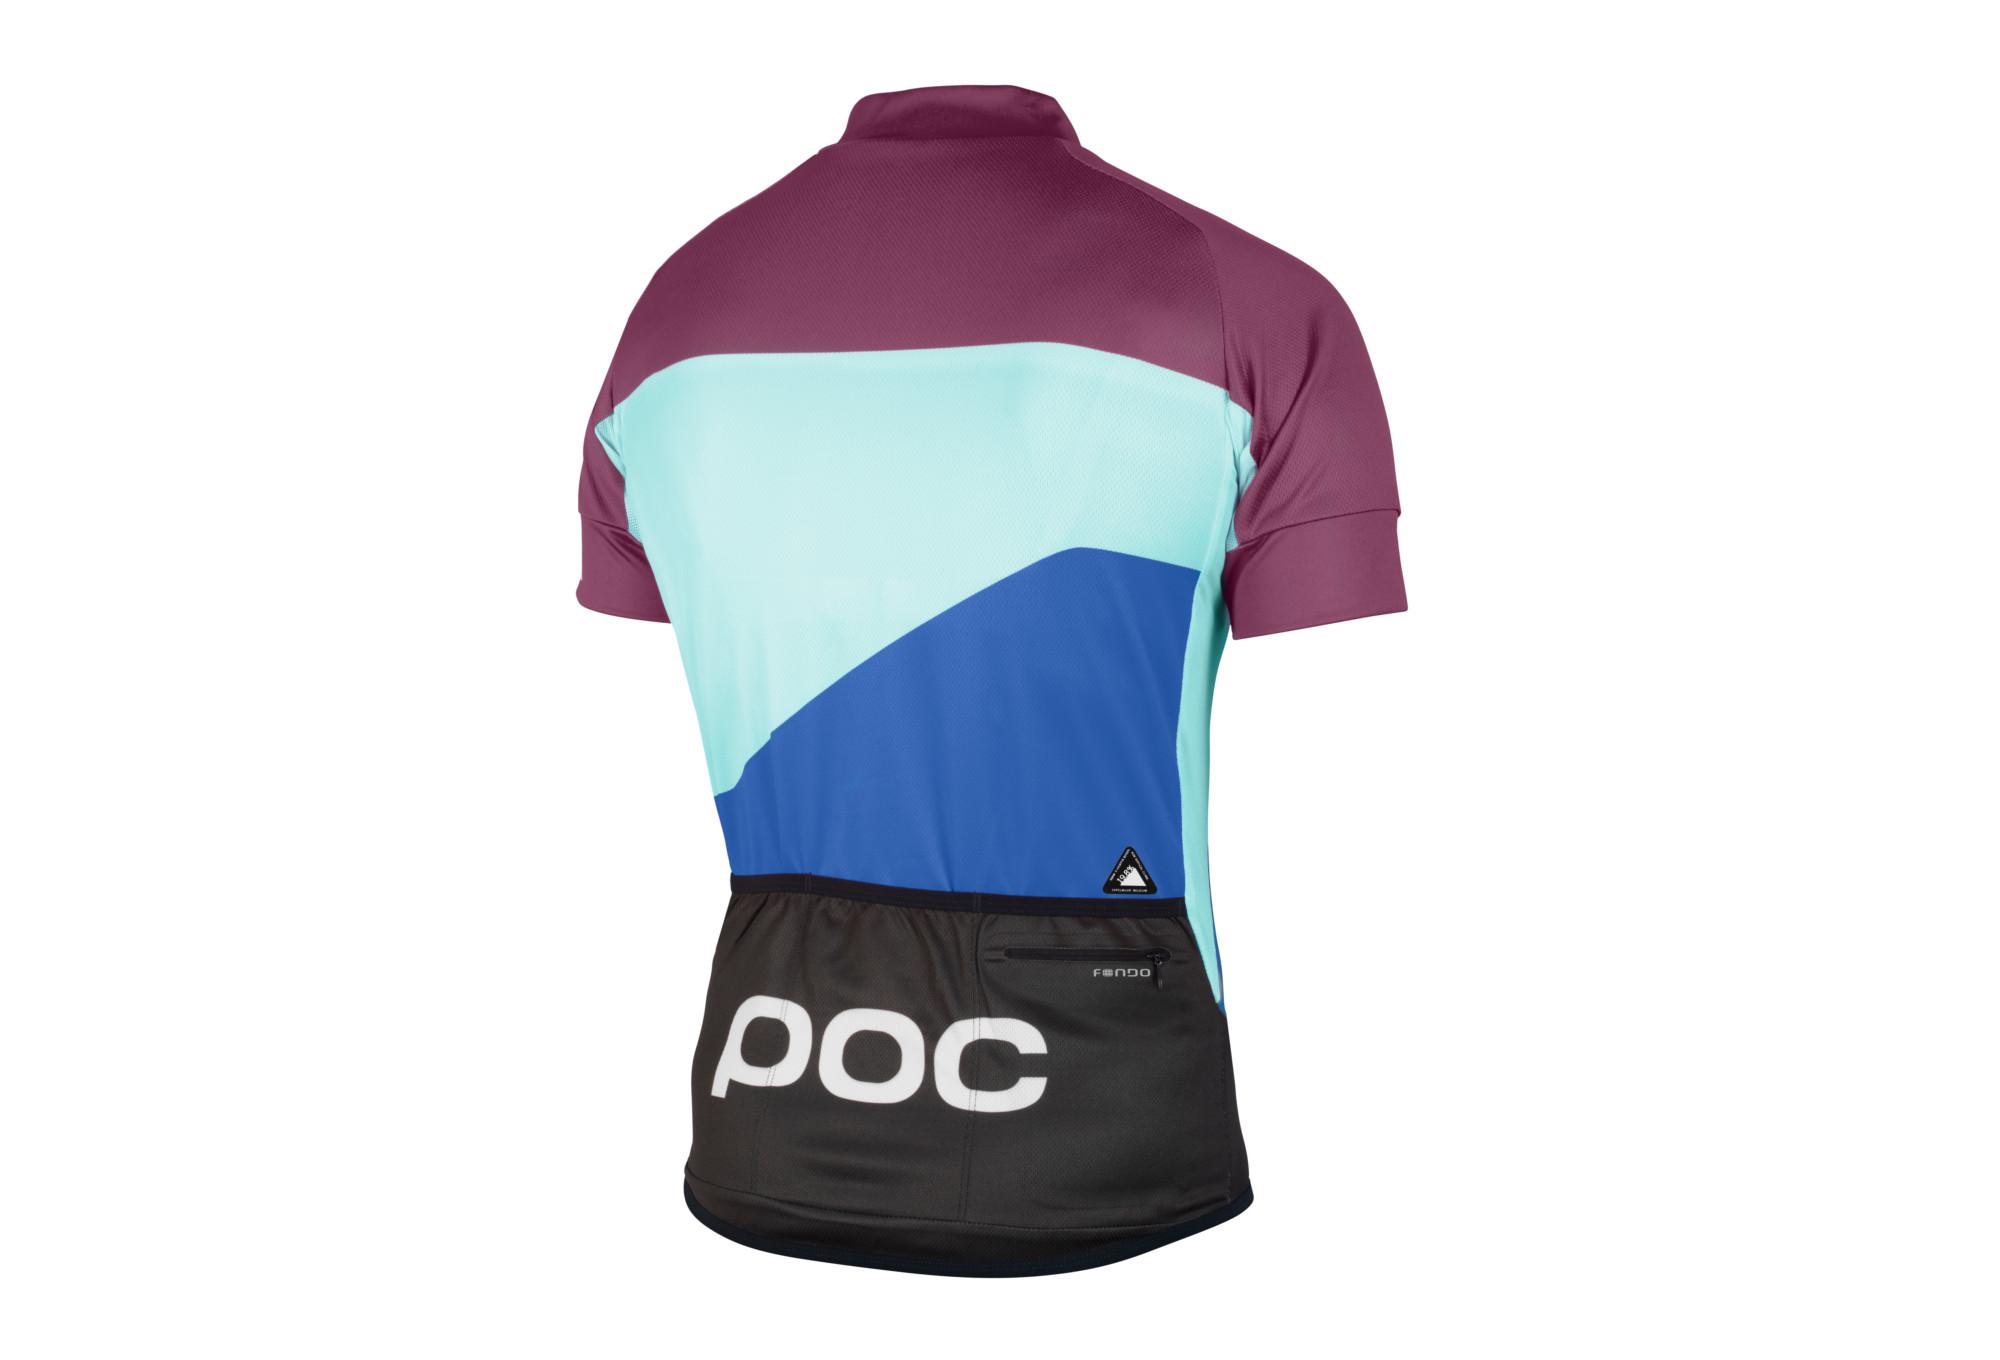 2017 POC Fondo Cycling Arm Sleeves